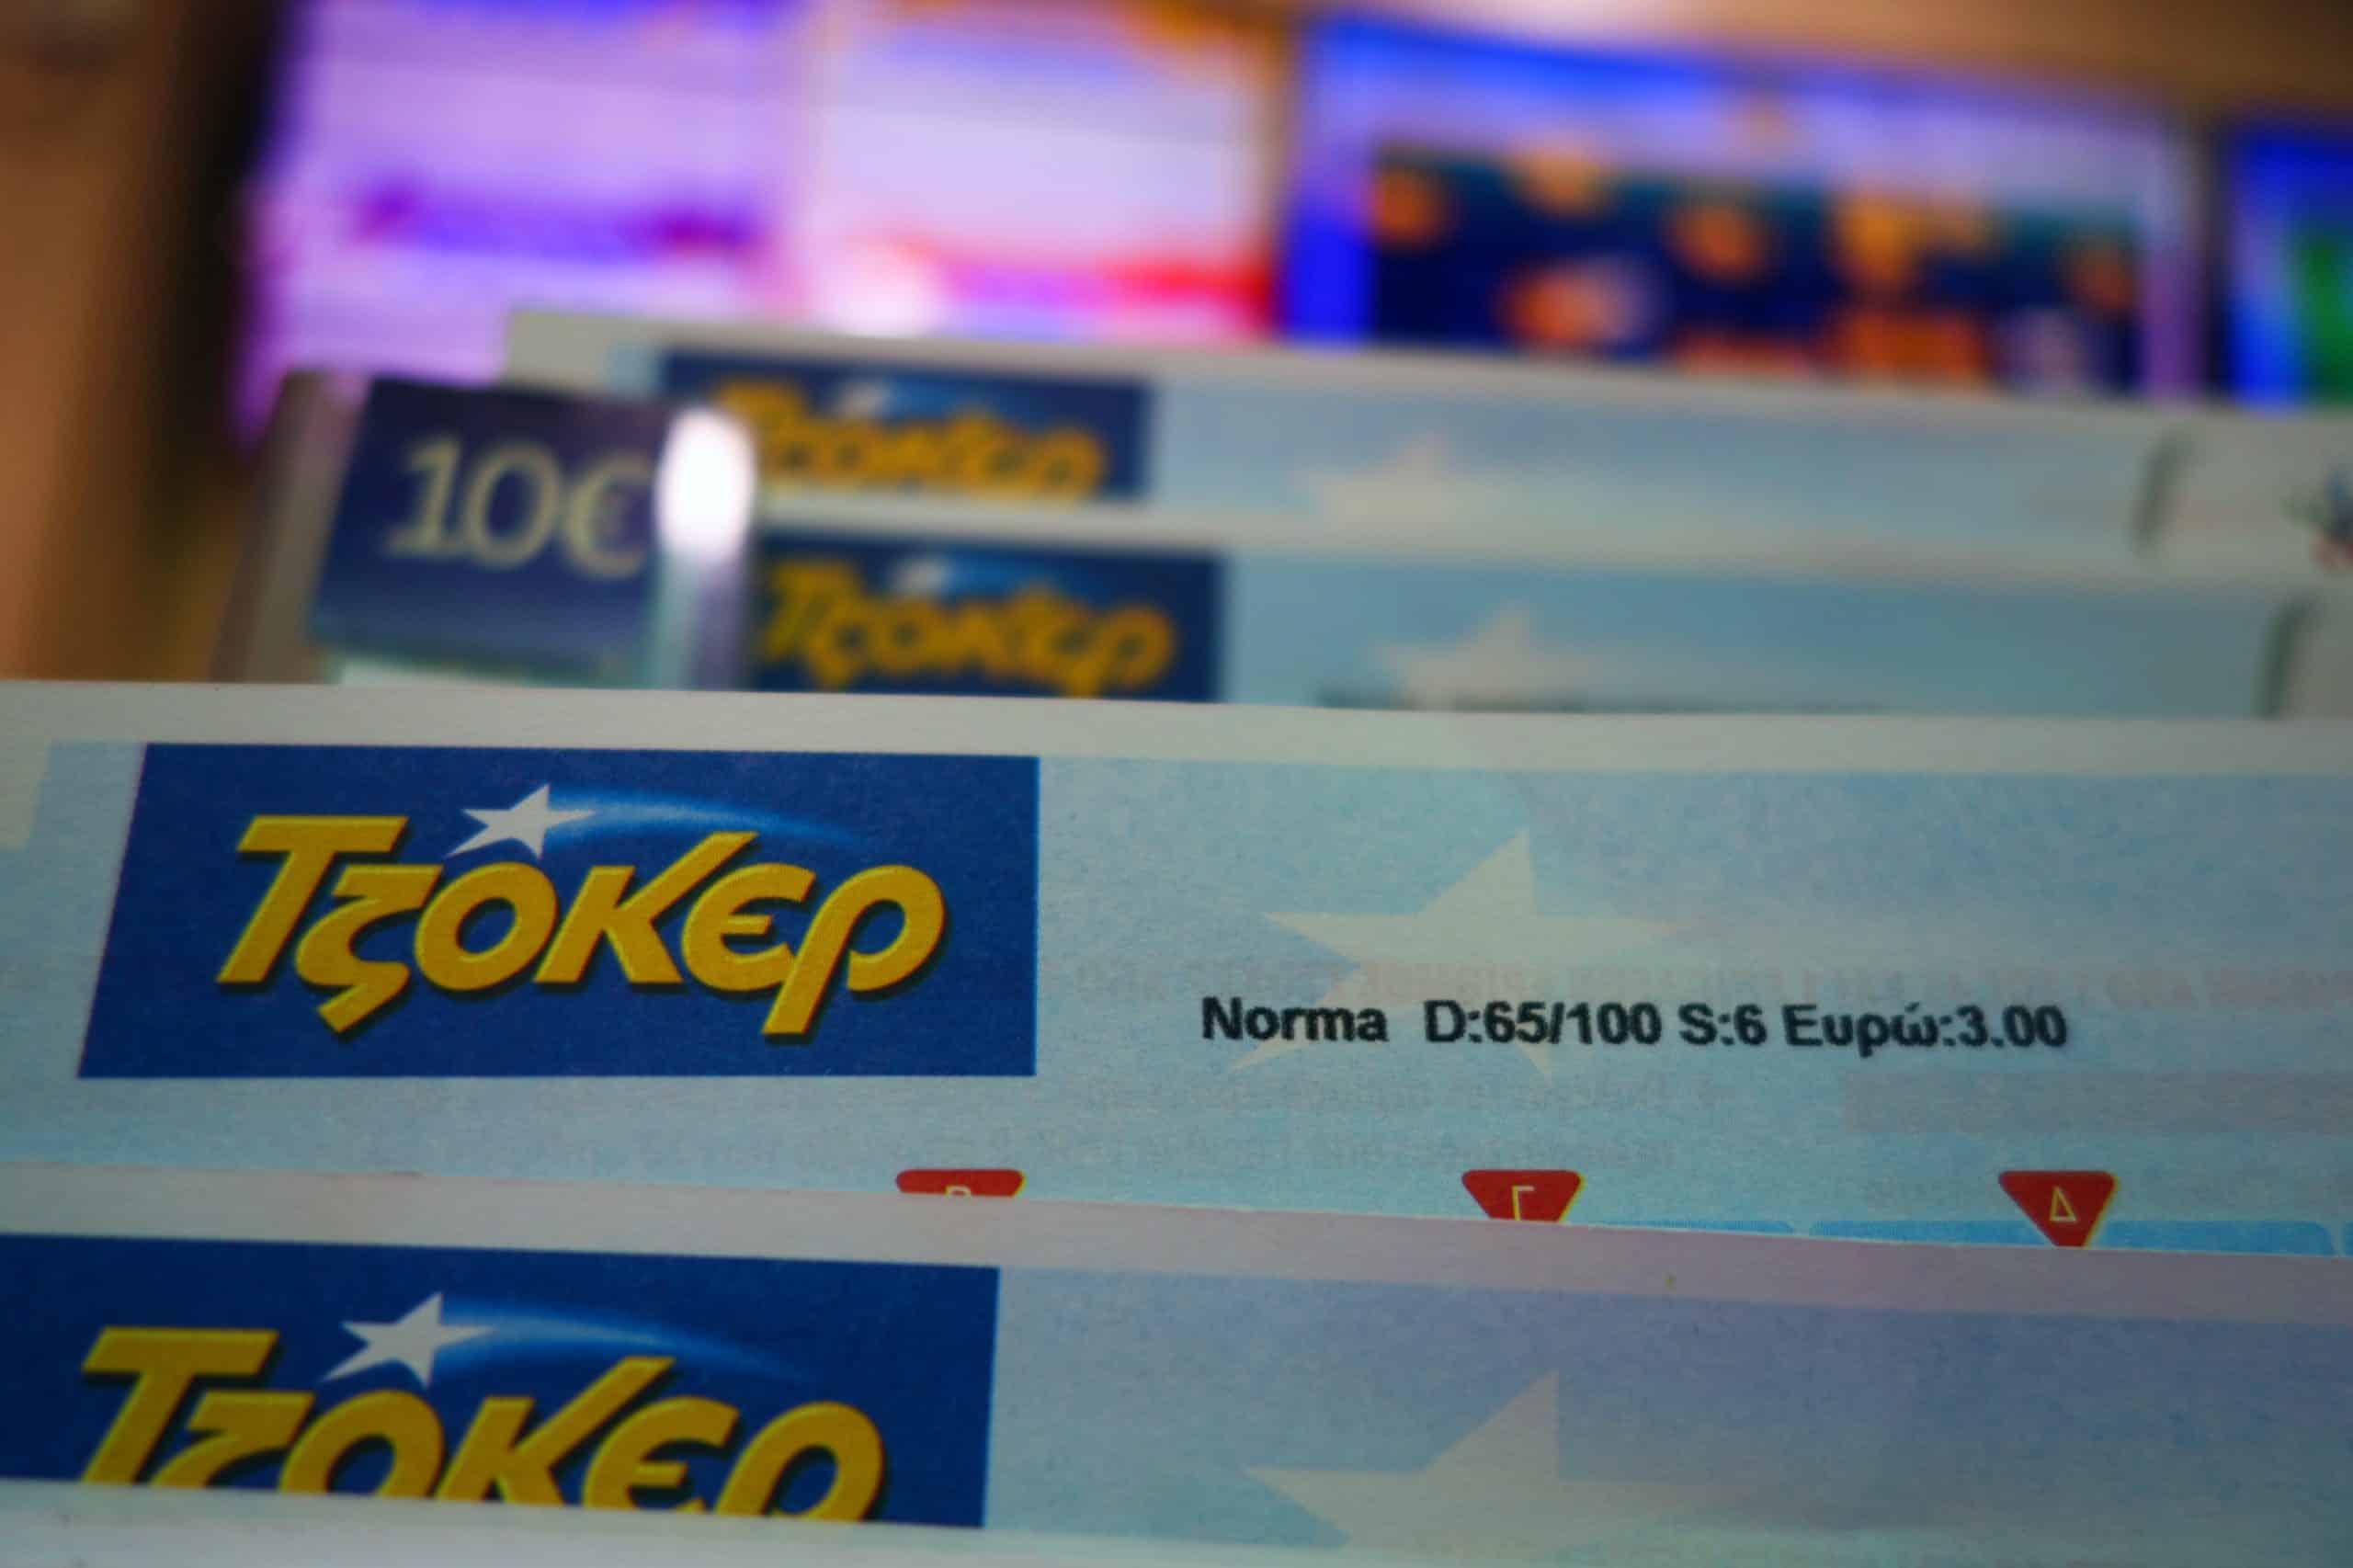 Κλήρωση Τζόκερ σήμερα 30/1 Αποτελέσματα Αριθμοί Νούμερα tzoker δίνουν απόψε €800.000 εκ στους νικητές της 1ης κατηγορίας του ΟΠΑΠ Τζόκερ Κλήρωση σήμερα 15/12 Αποτελέσματα Νούμερα Joker €2.70.000 δίνουν οι τυχεροί αριθμοί